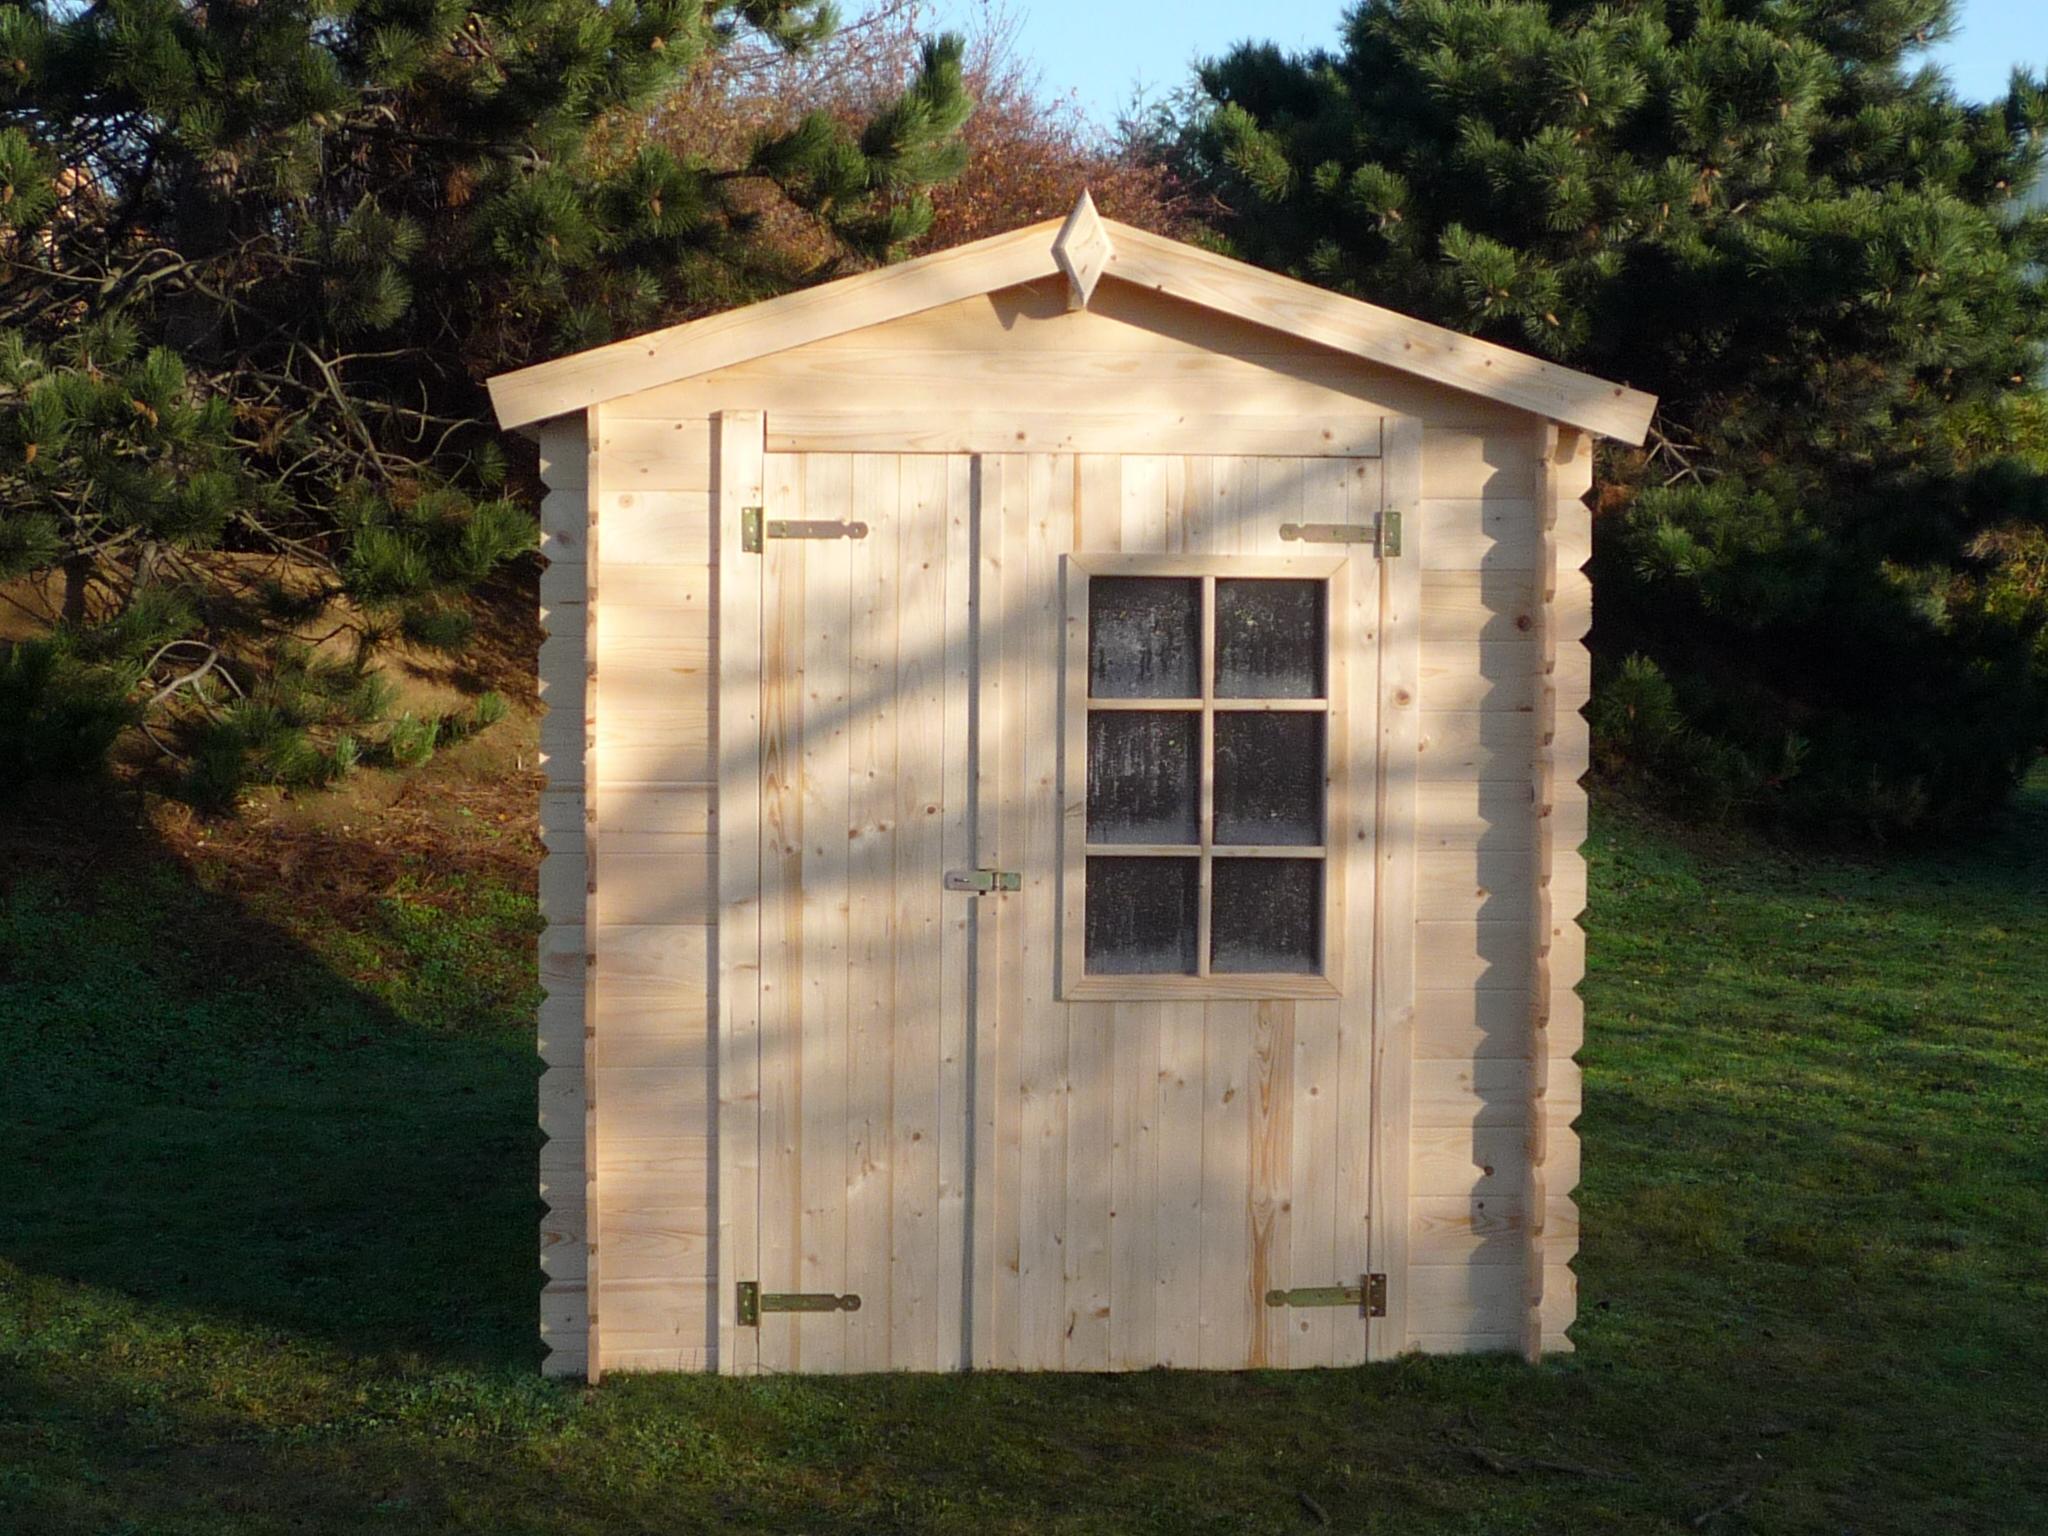 Chalet de jardin occasion a vendre - Châlet, maison et cabane